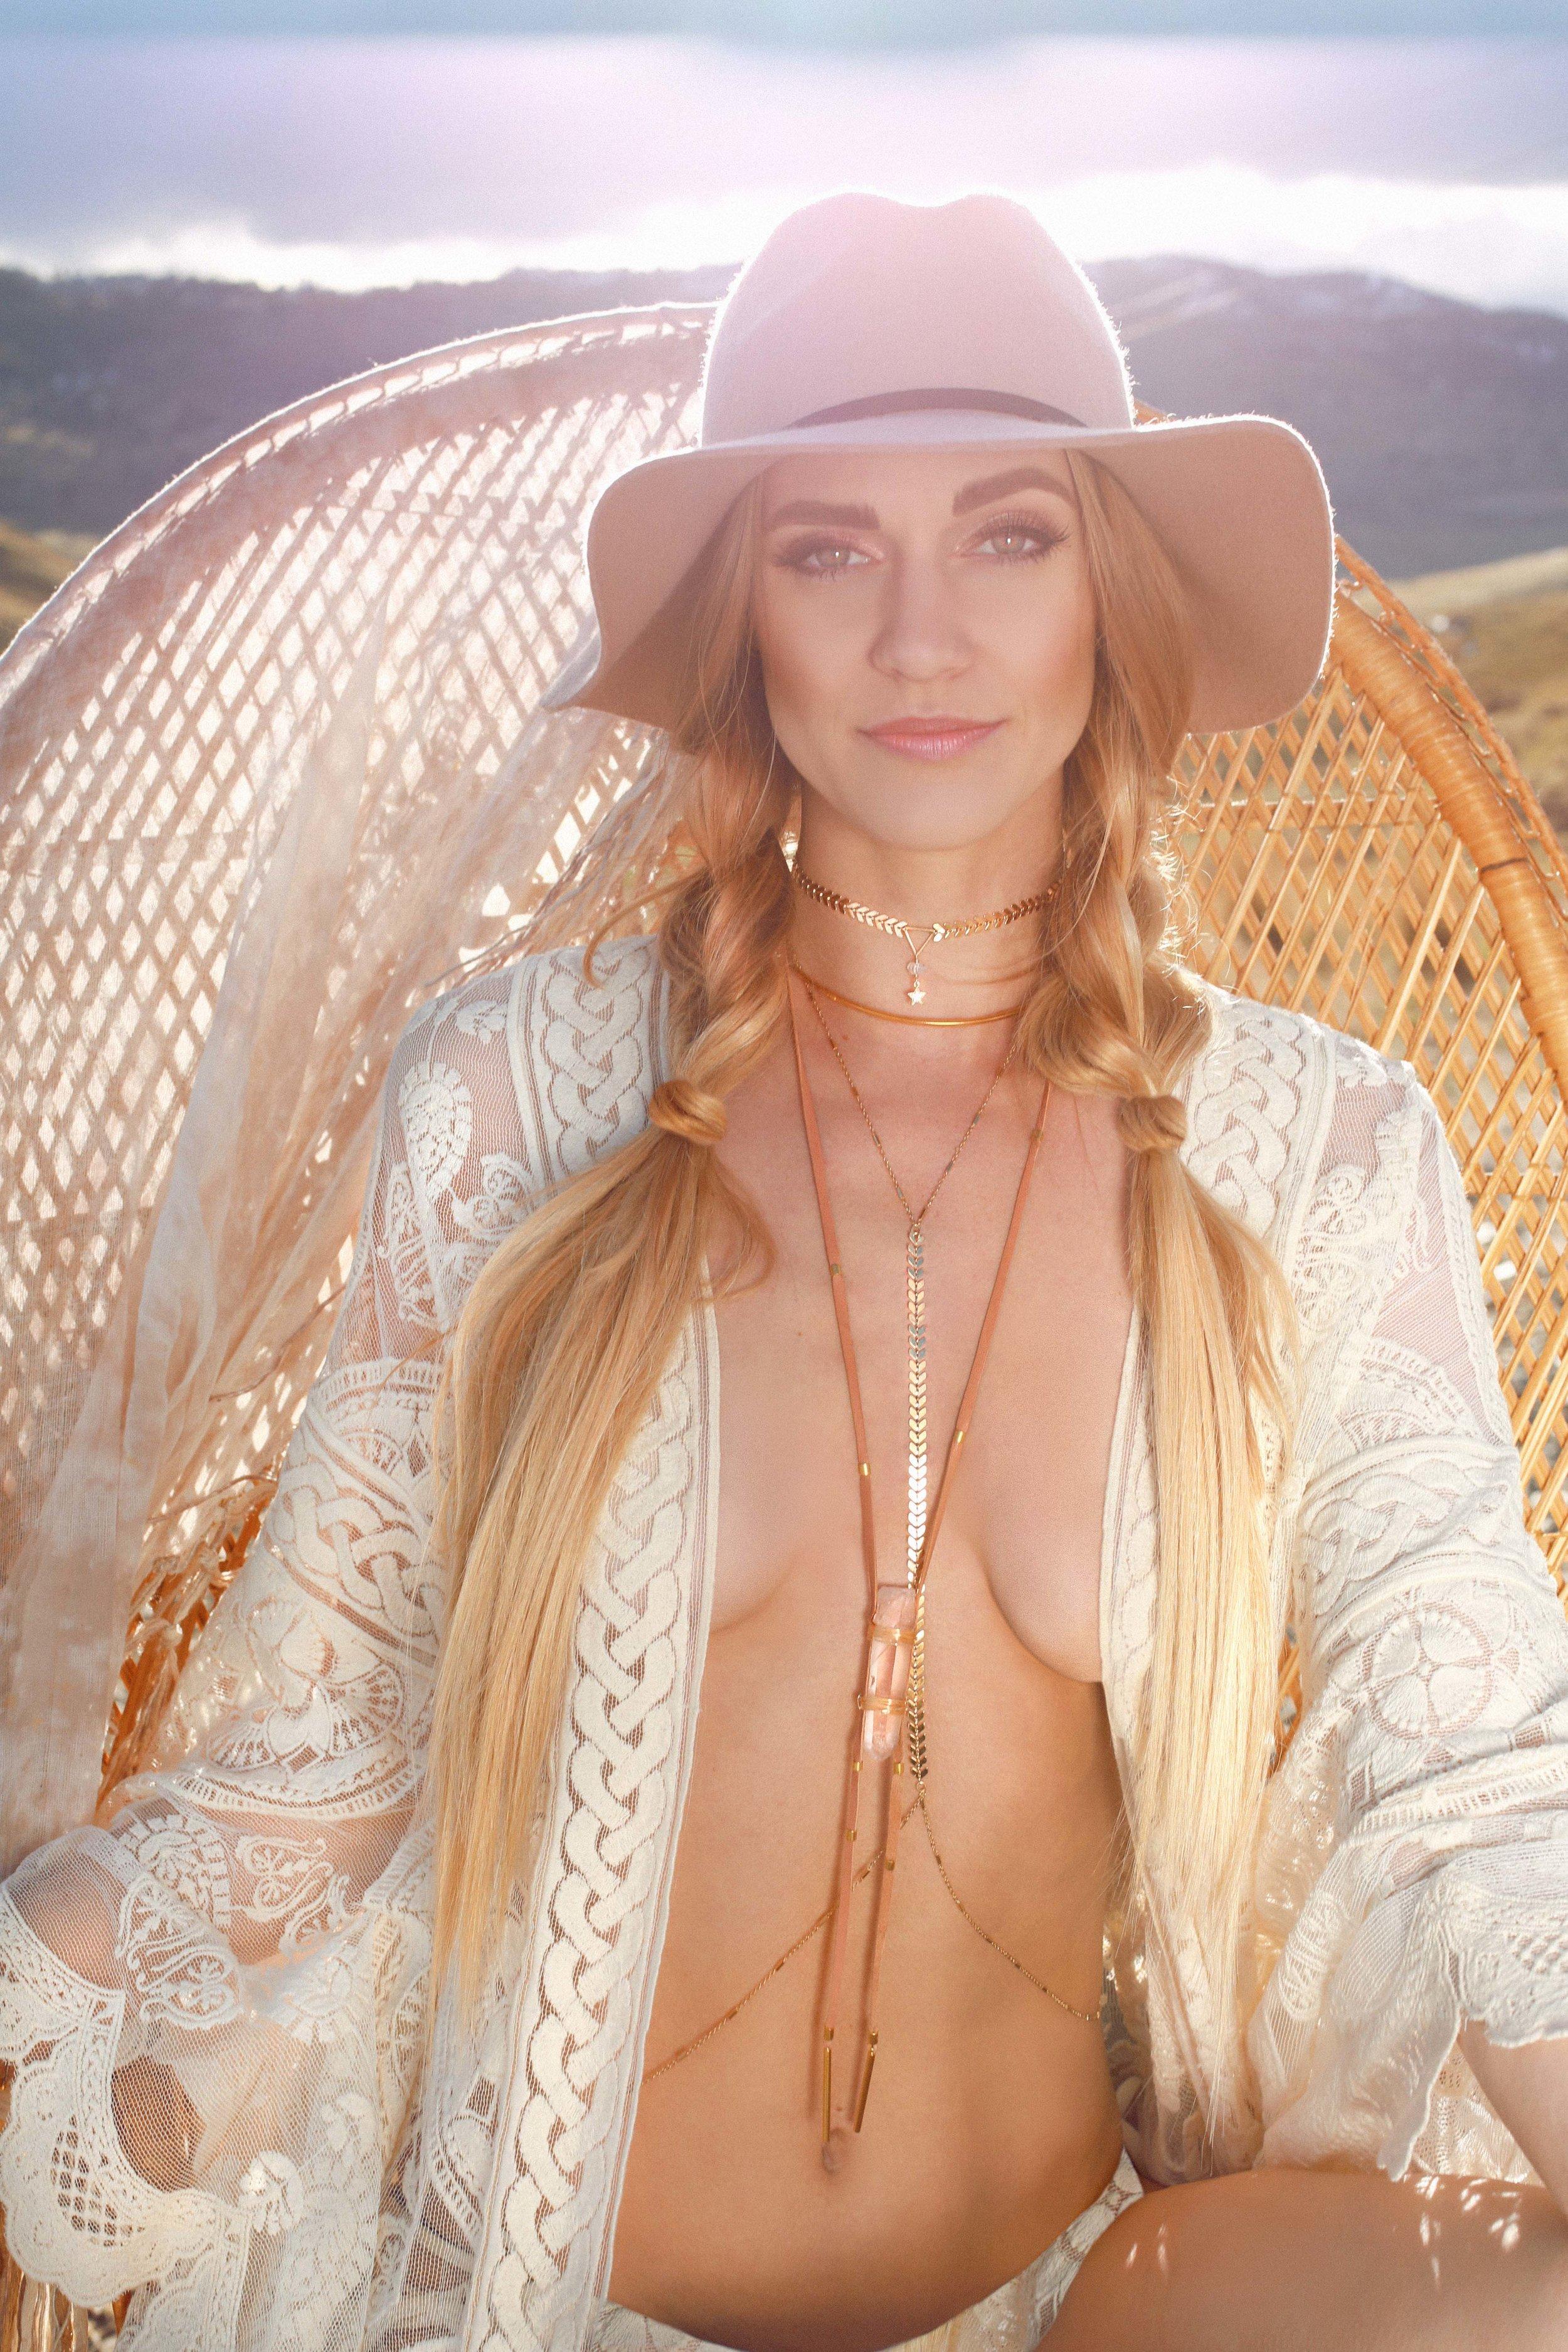 COLORADO GYPSY DREAMIN' - Photo Shoot Story shot by Alyssa Risley - IG @alyssarisley #GLOW